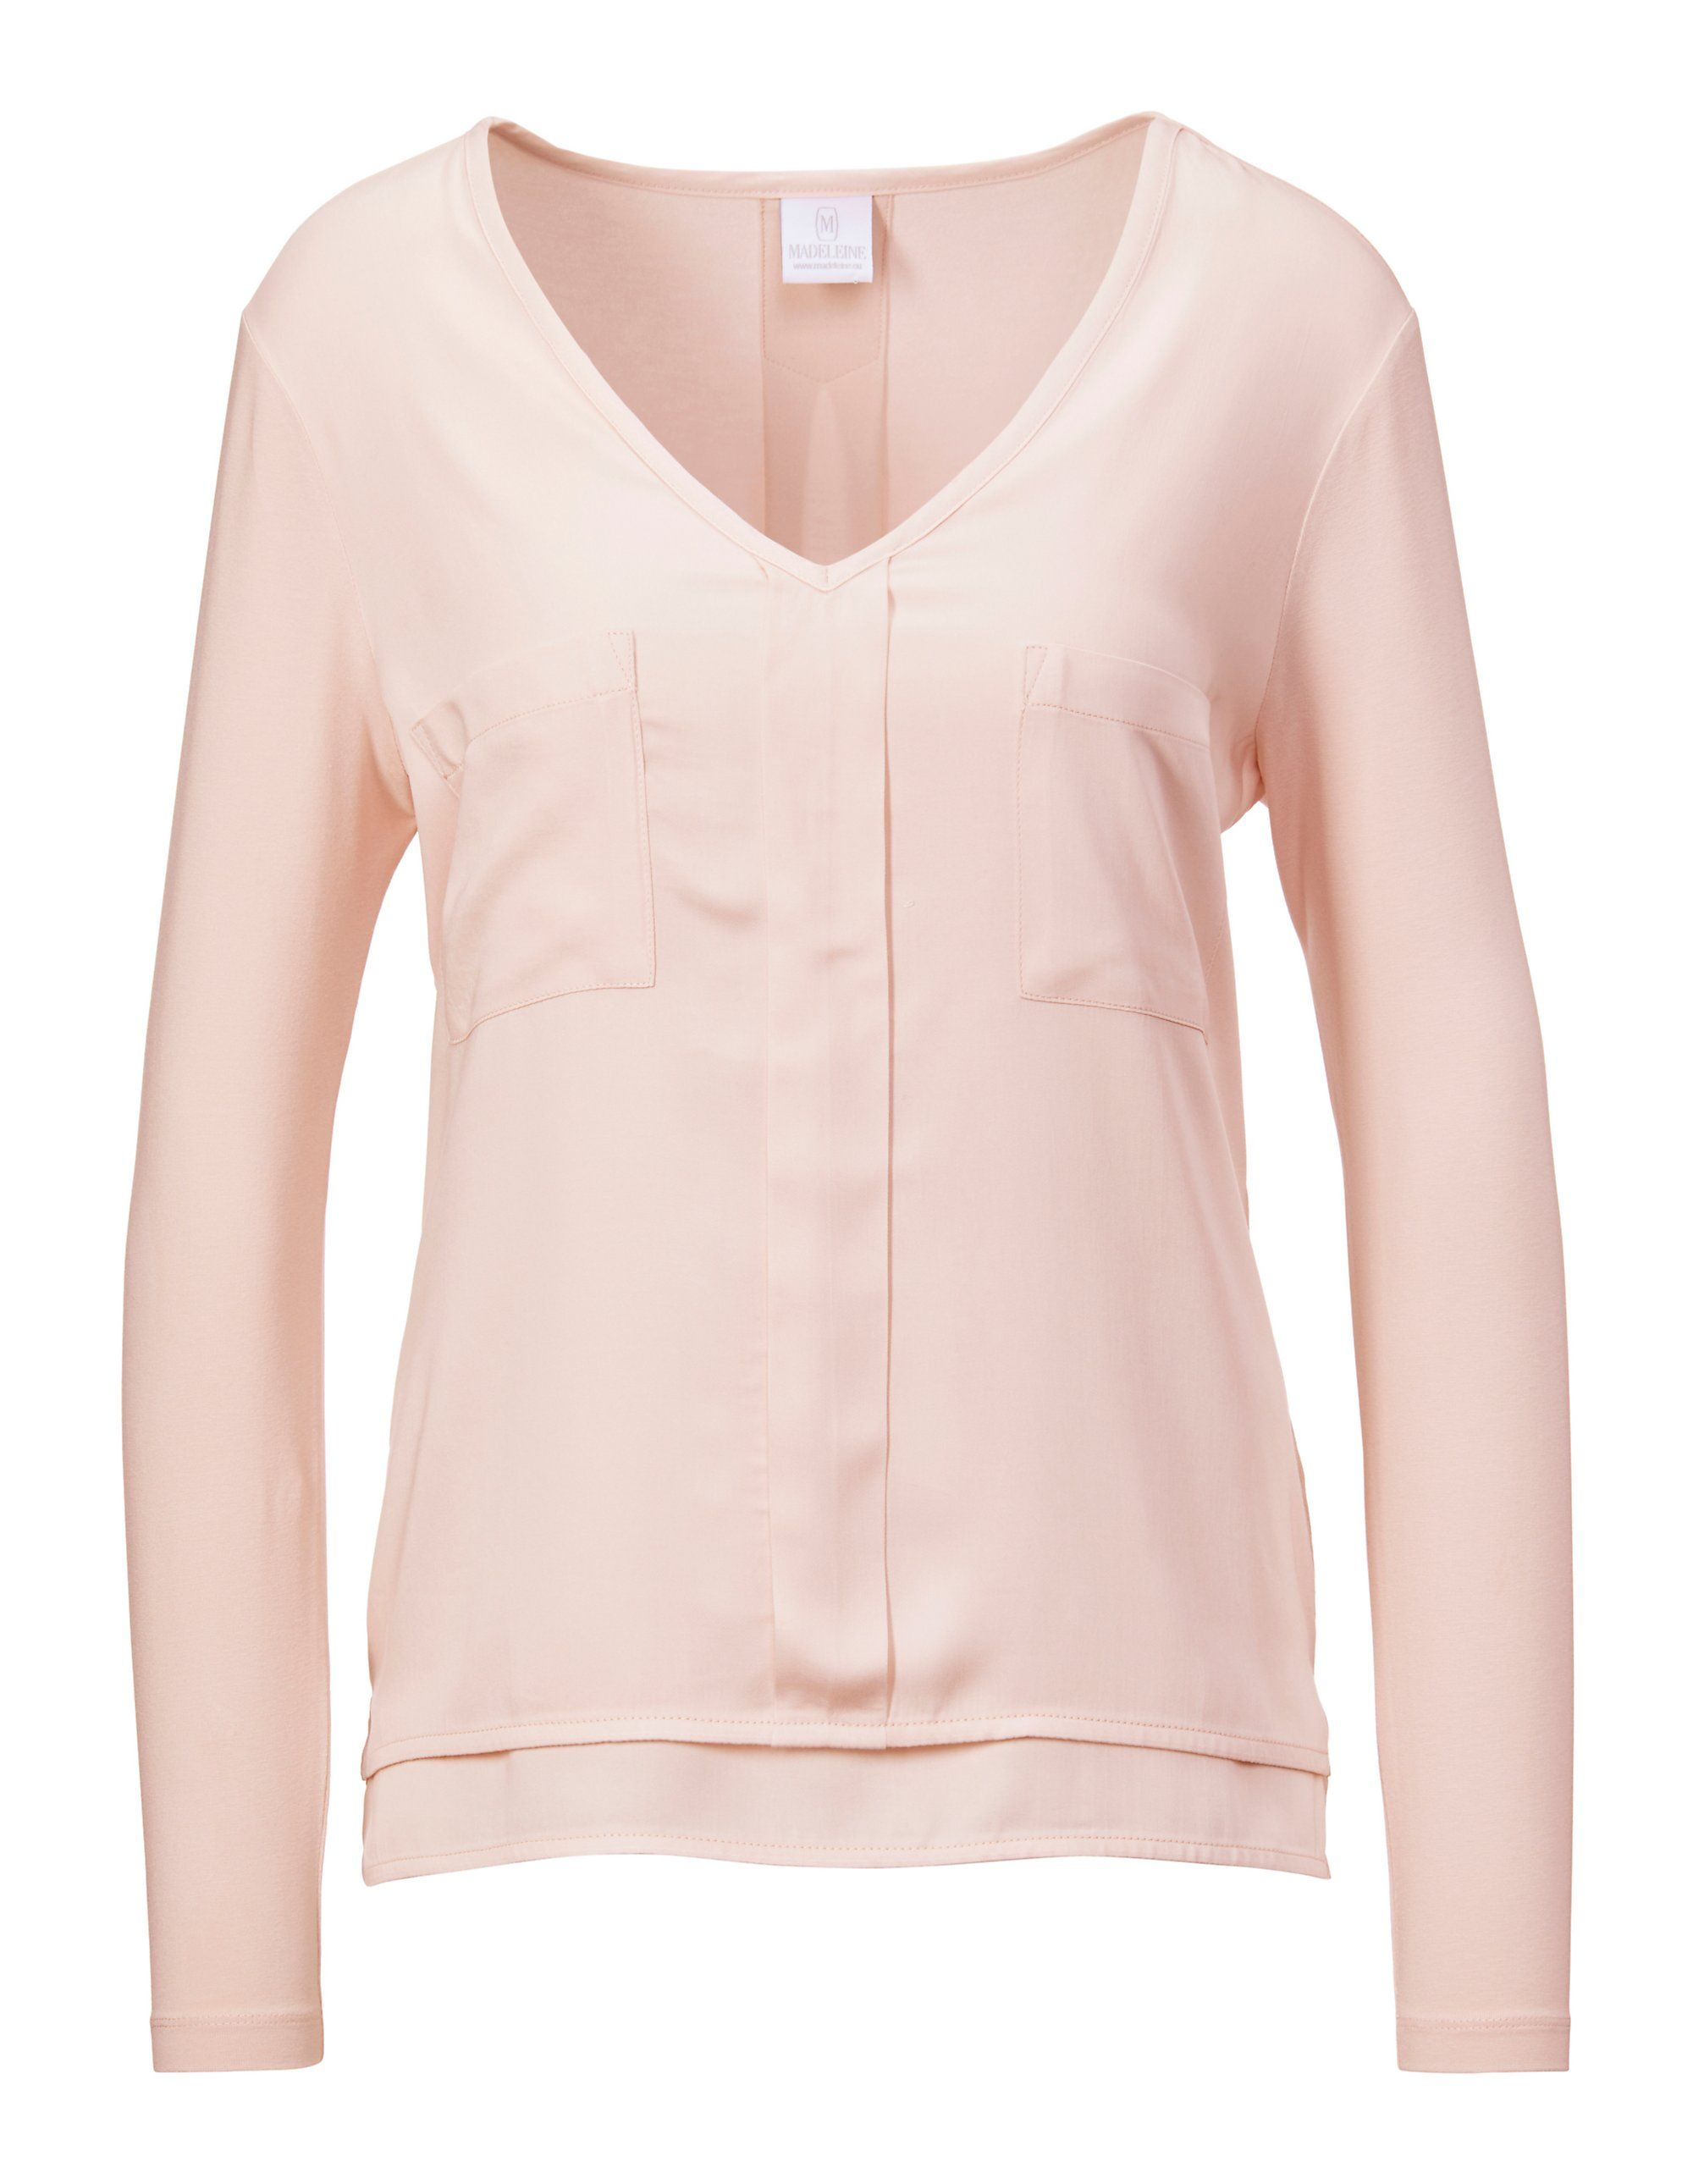 Bluse mit aufgesetzten Taschen in rosa MADELEINE Gr 44, puderrose für Damen. Viskose. Waschbar